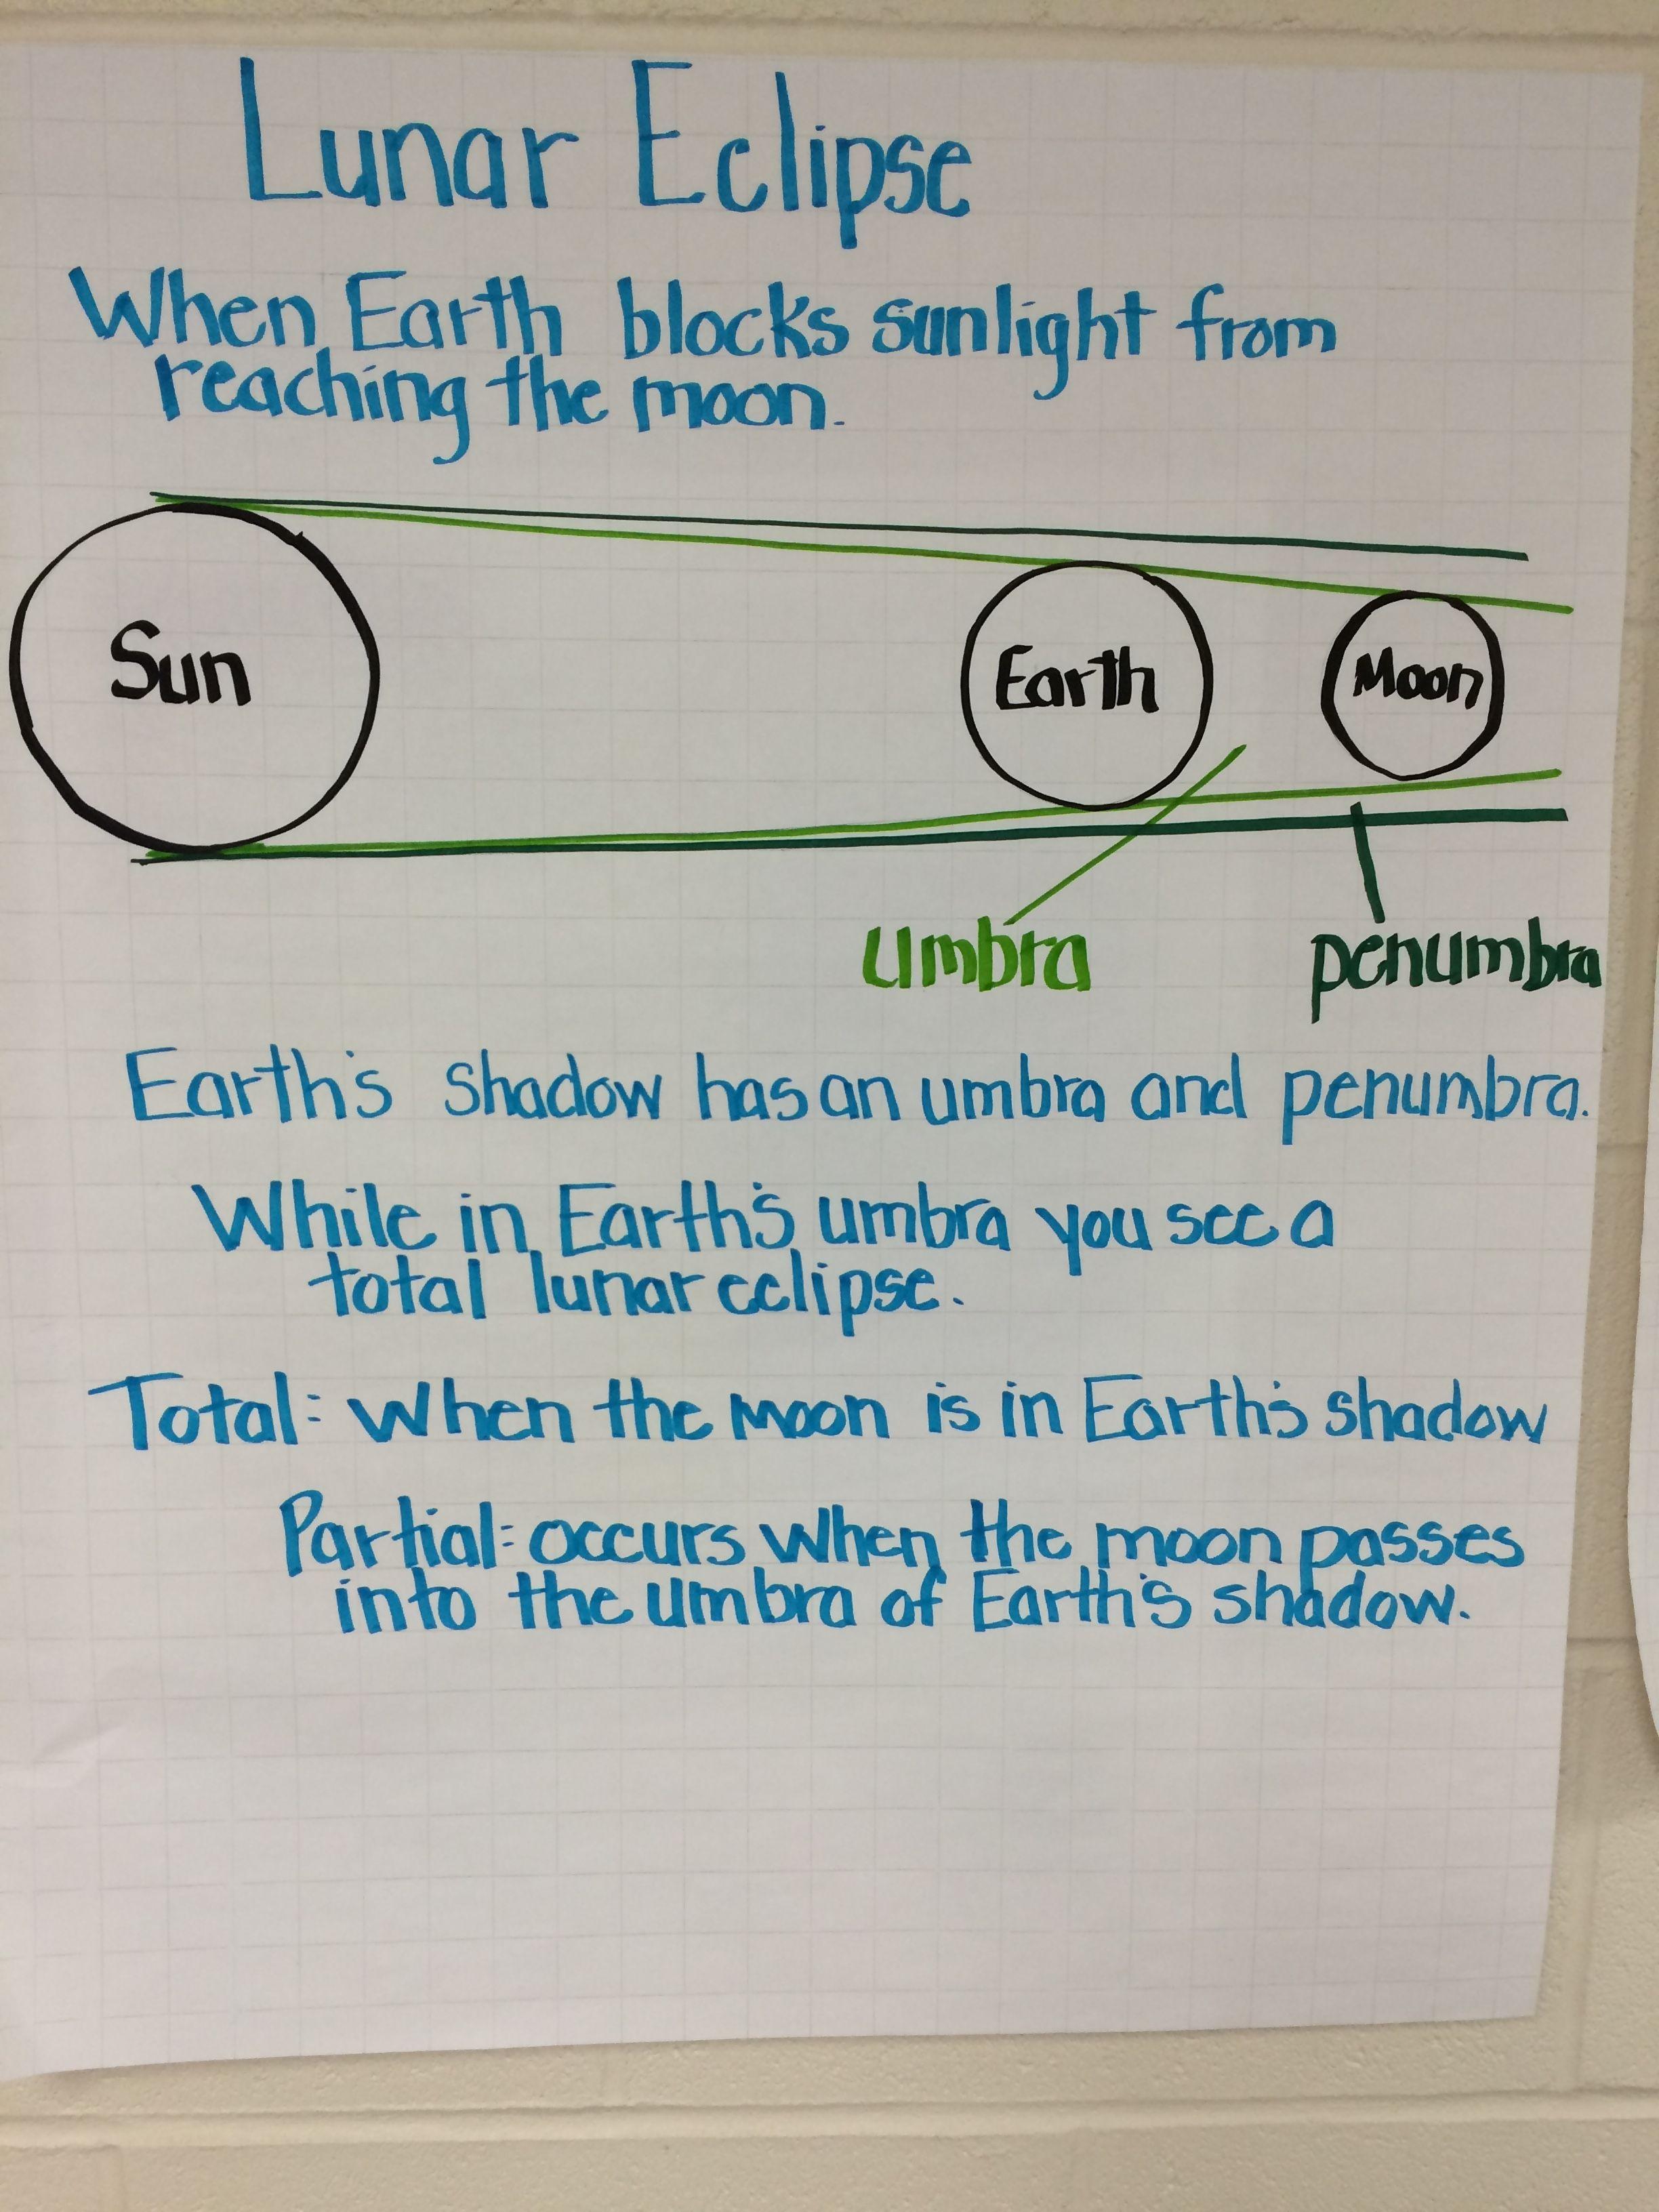 Lunar Eclipse Anchor Chart